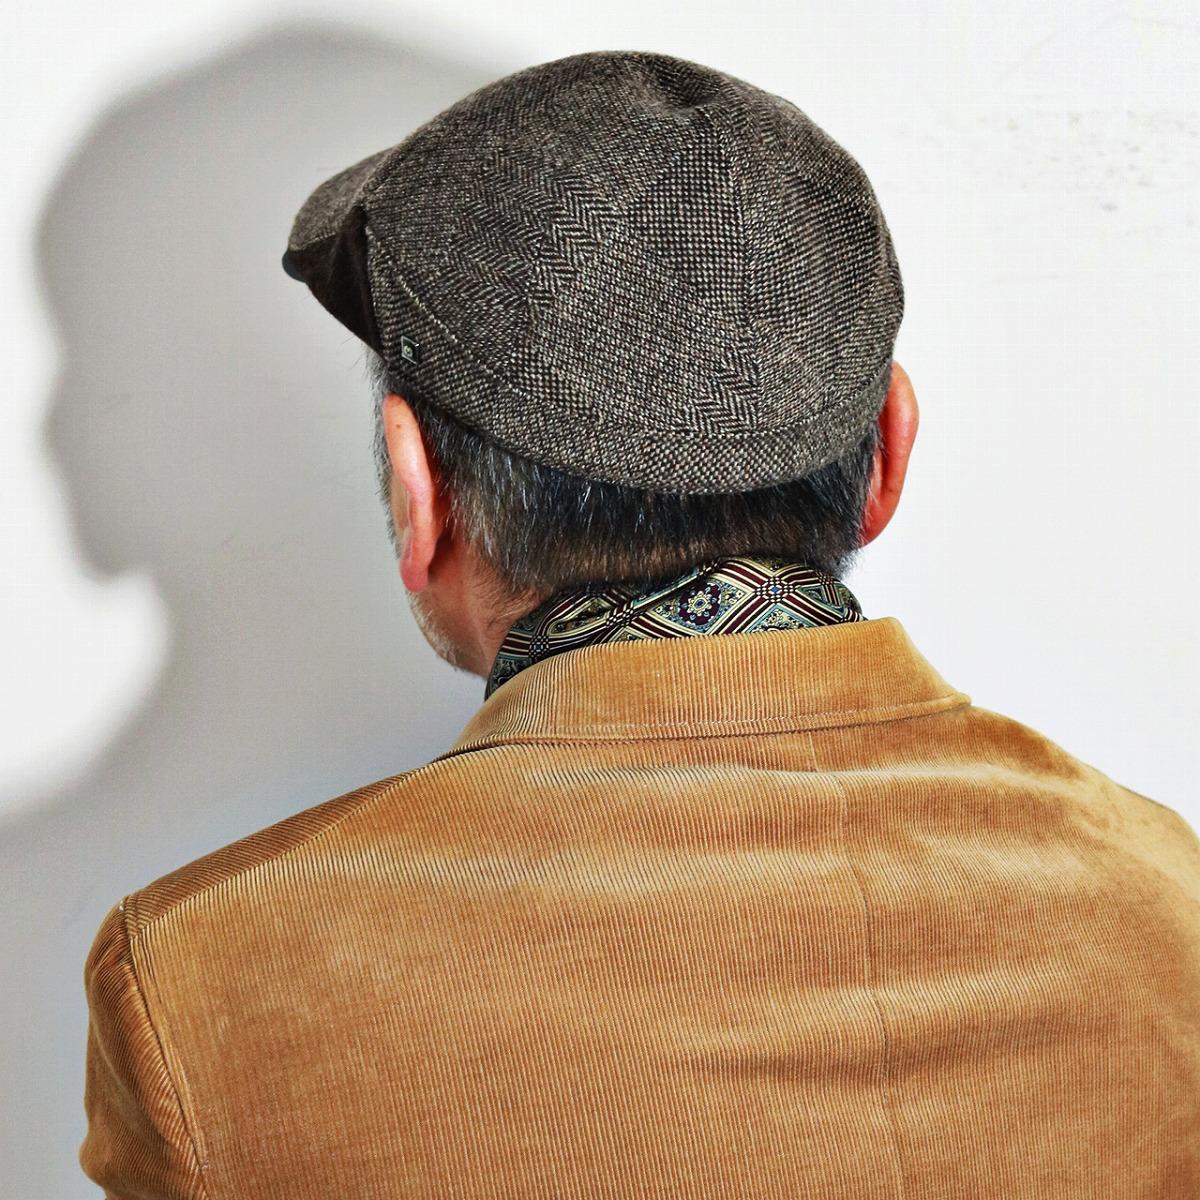 ムーン M アイビーキャップ 茶 クリスマス ラッピング無料 メンズ Ivy 男性 ハンチング帽